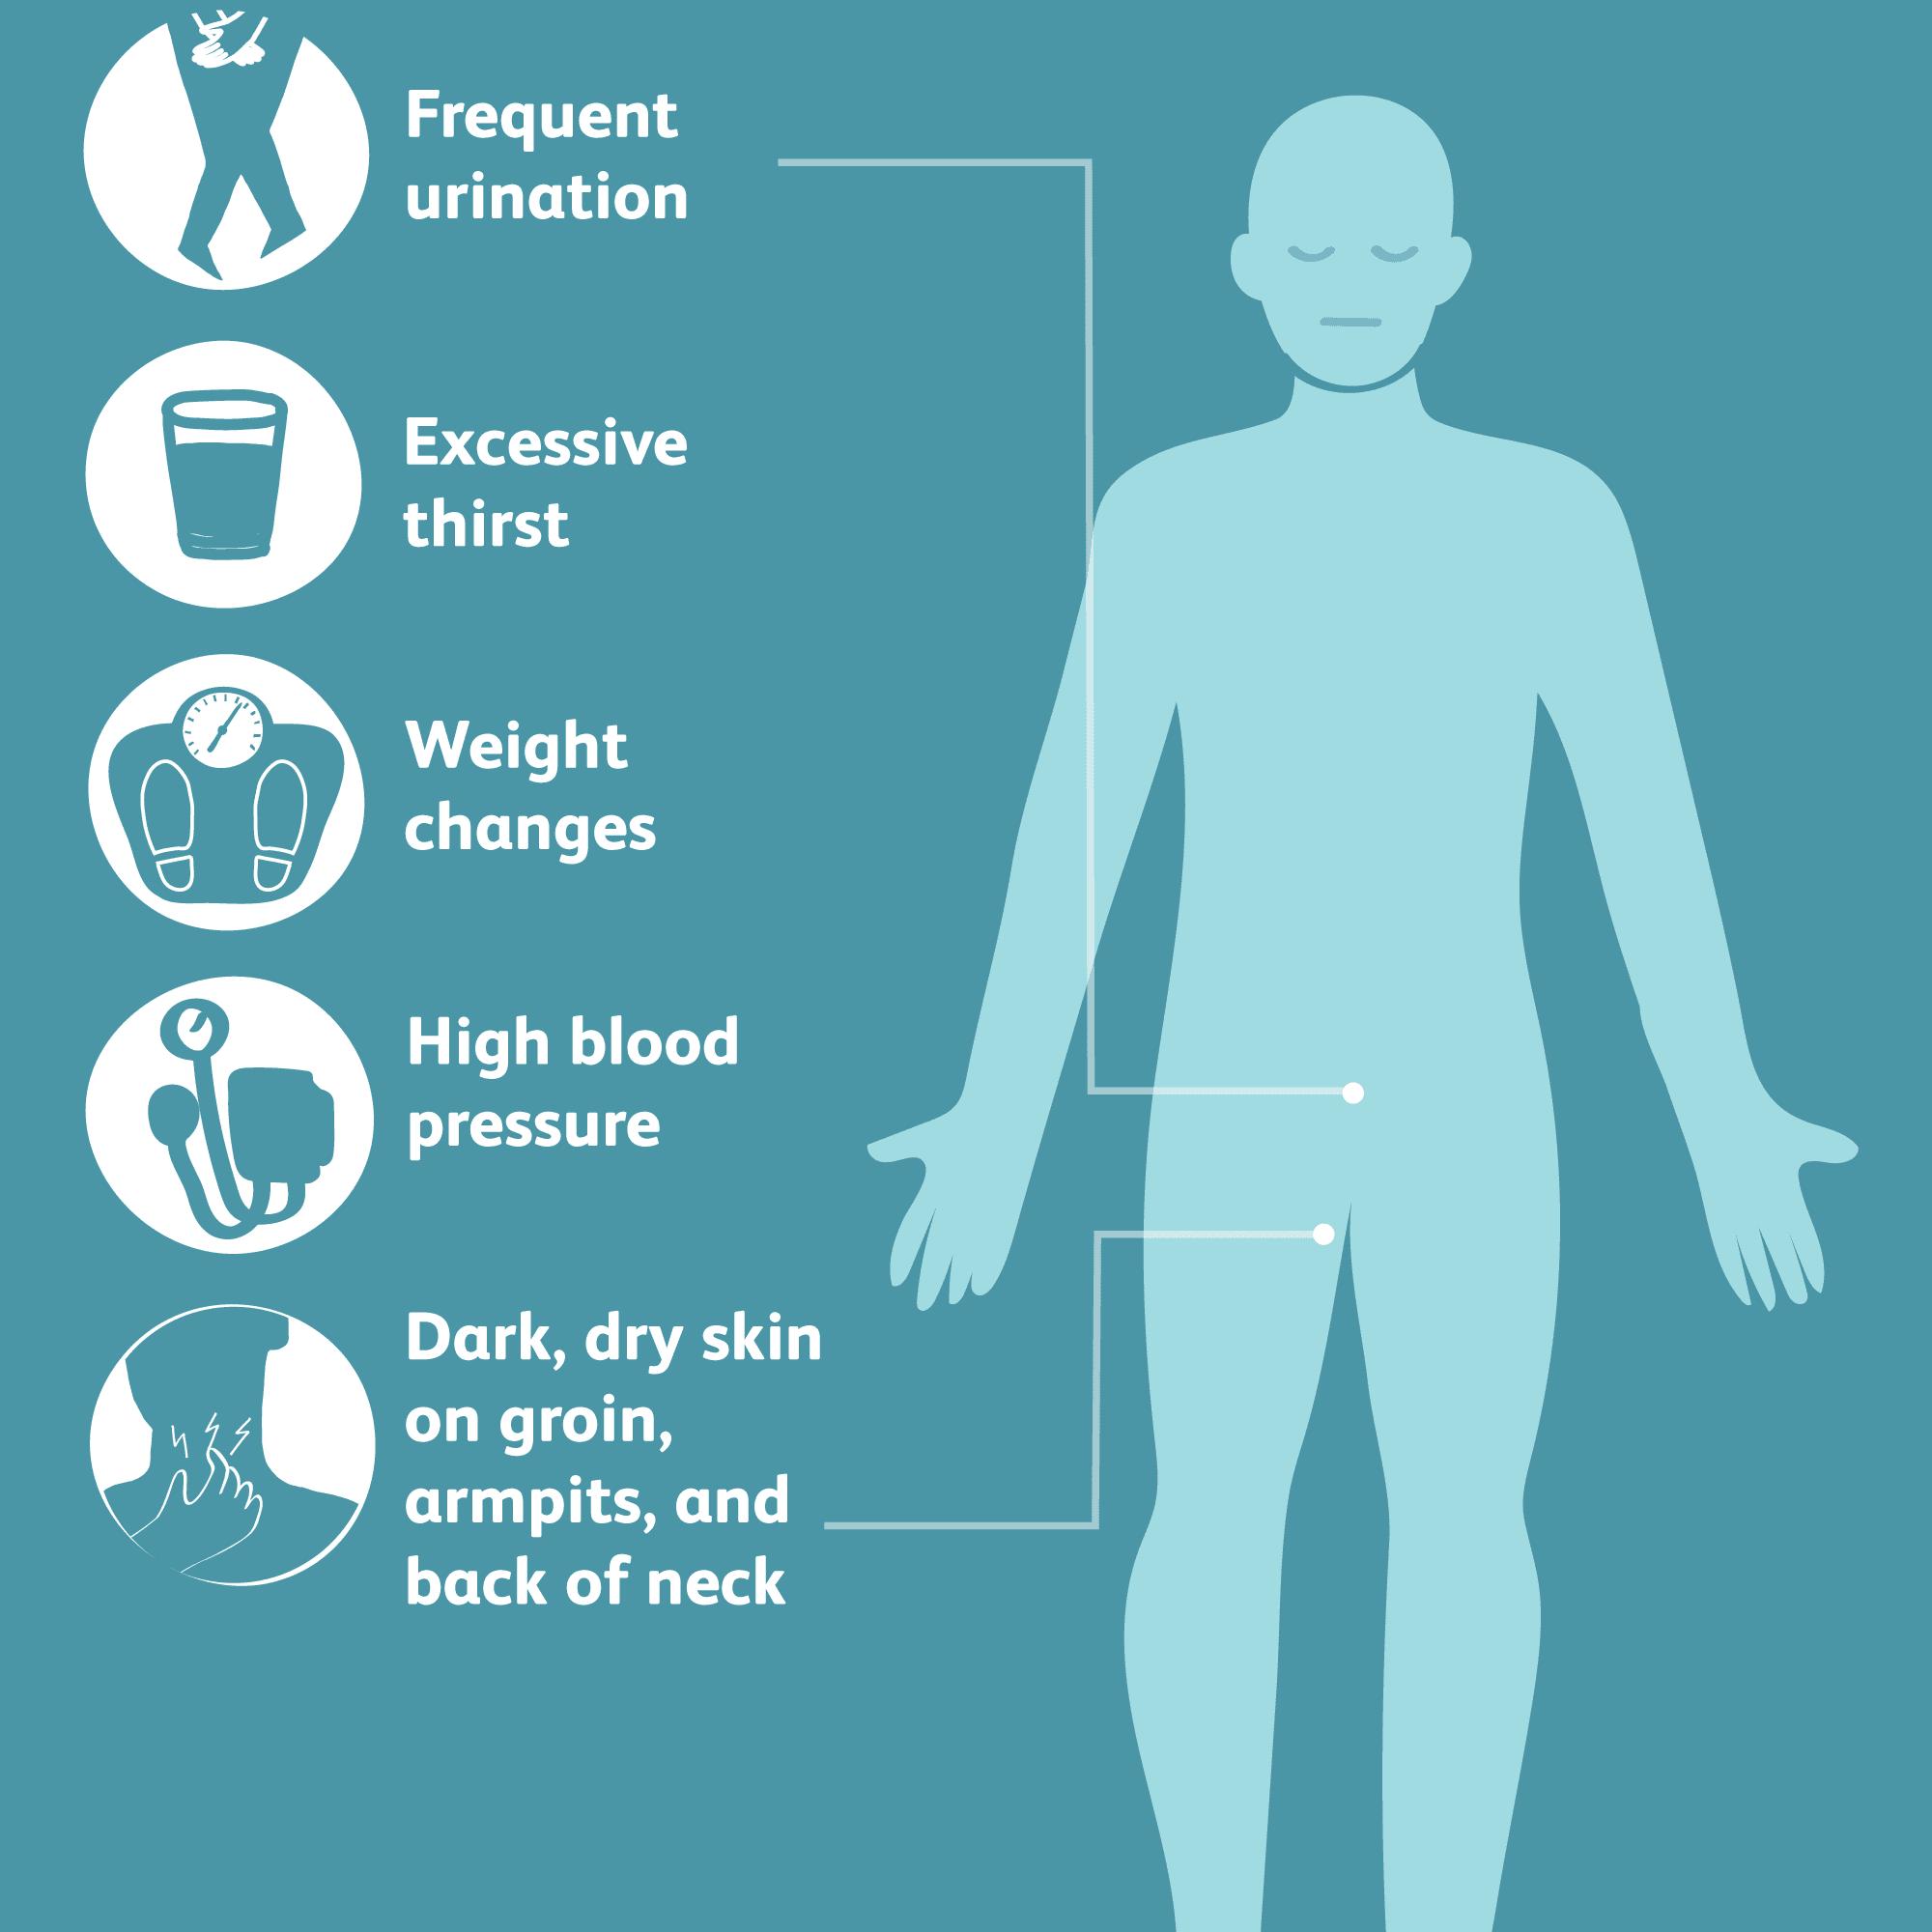 prediabetes and metabolic syndrome